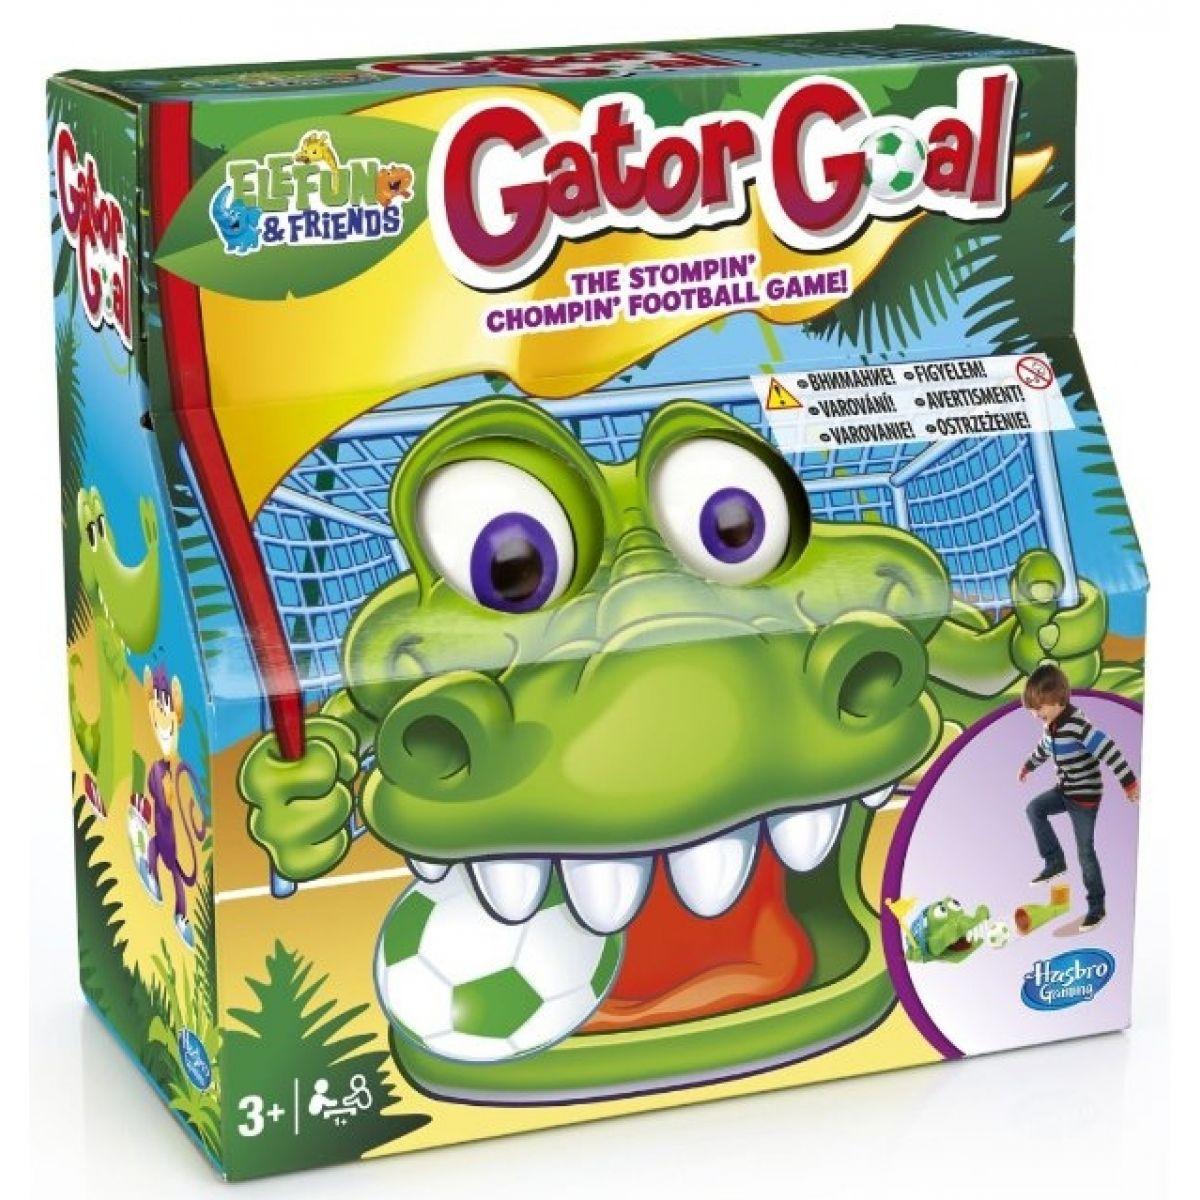 Hasbro Gator goal společenská hra